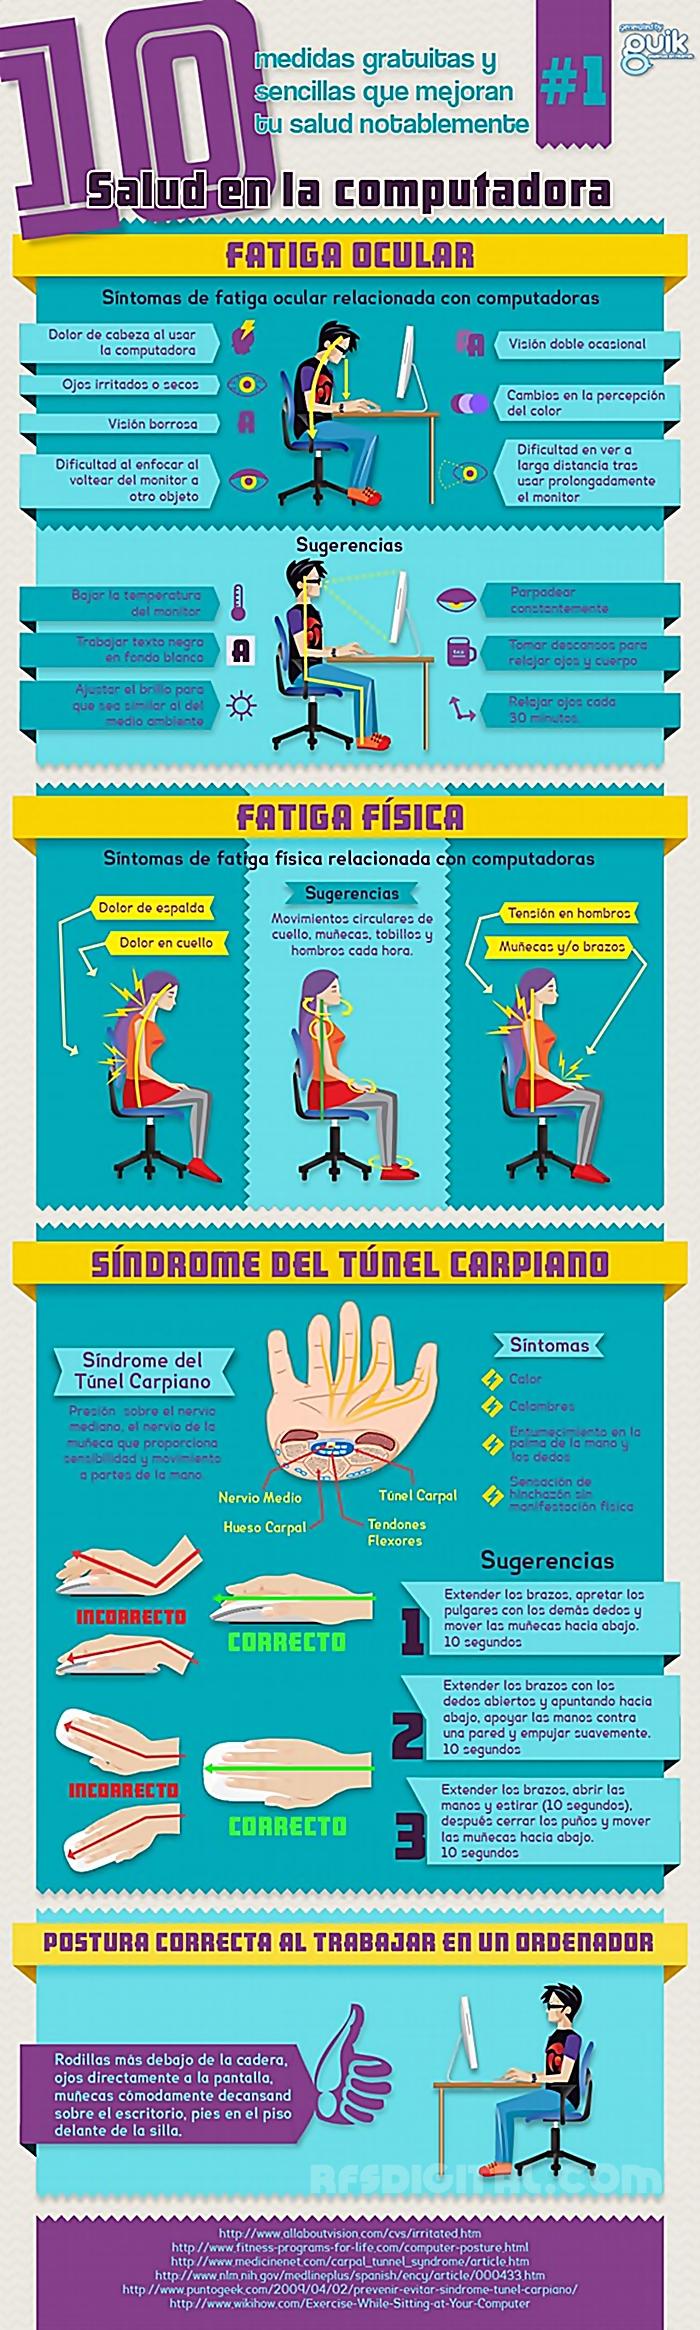 Cómo cuidar nuestra salud frente a la computadora